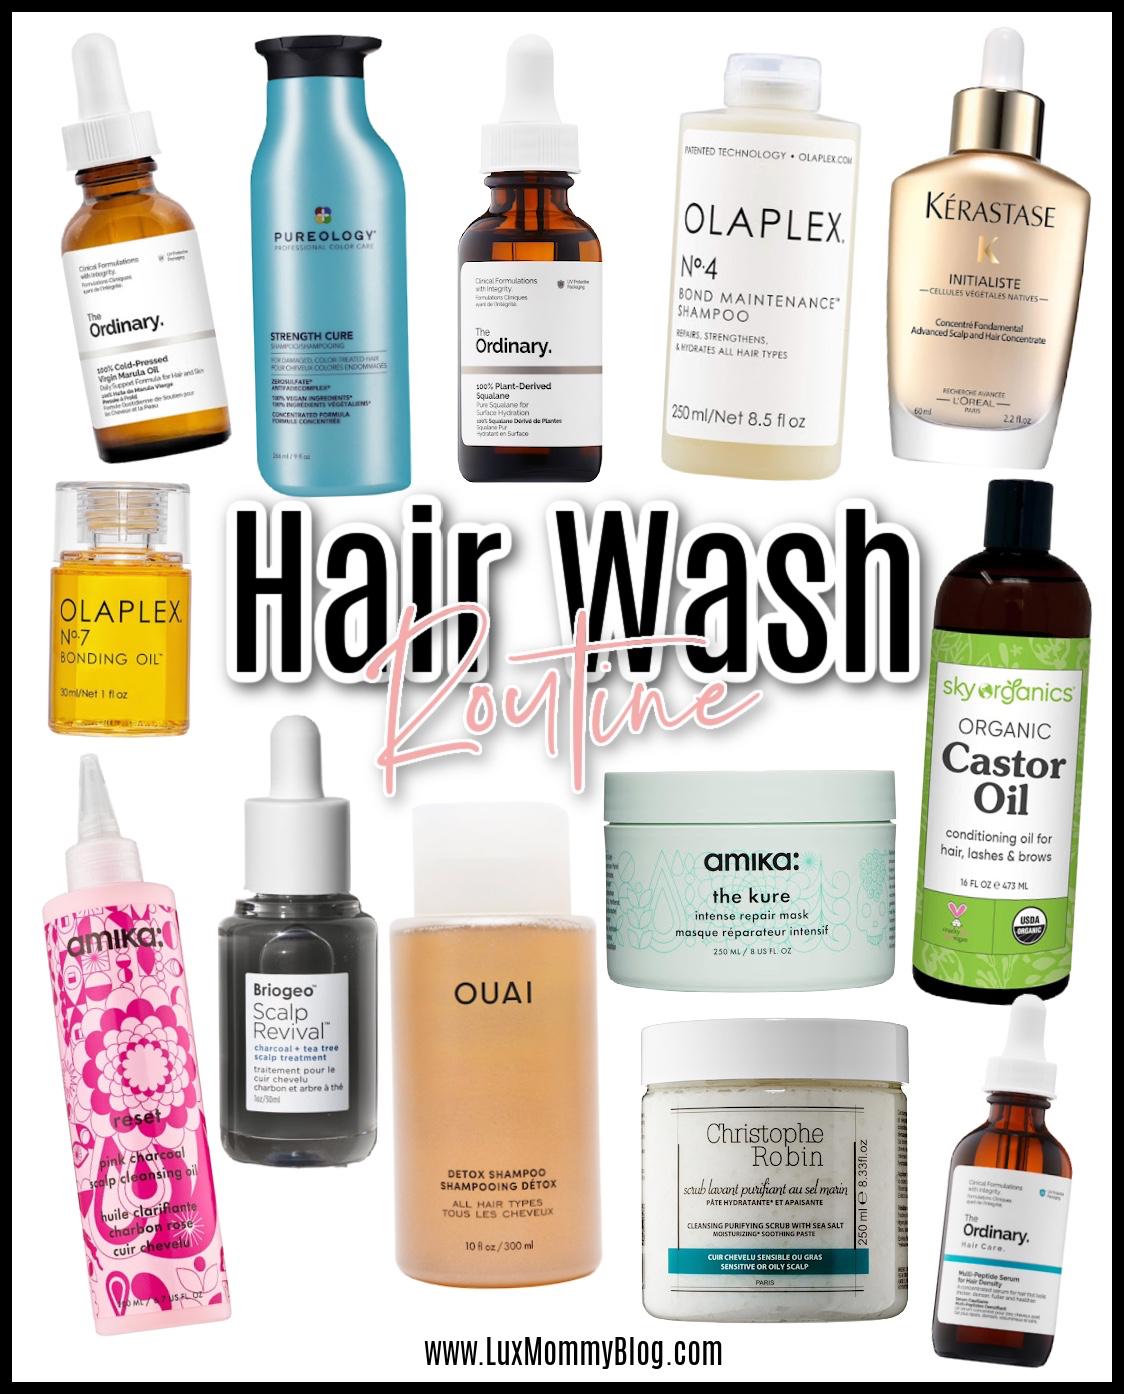 hair wash routine